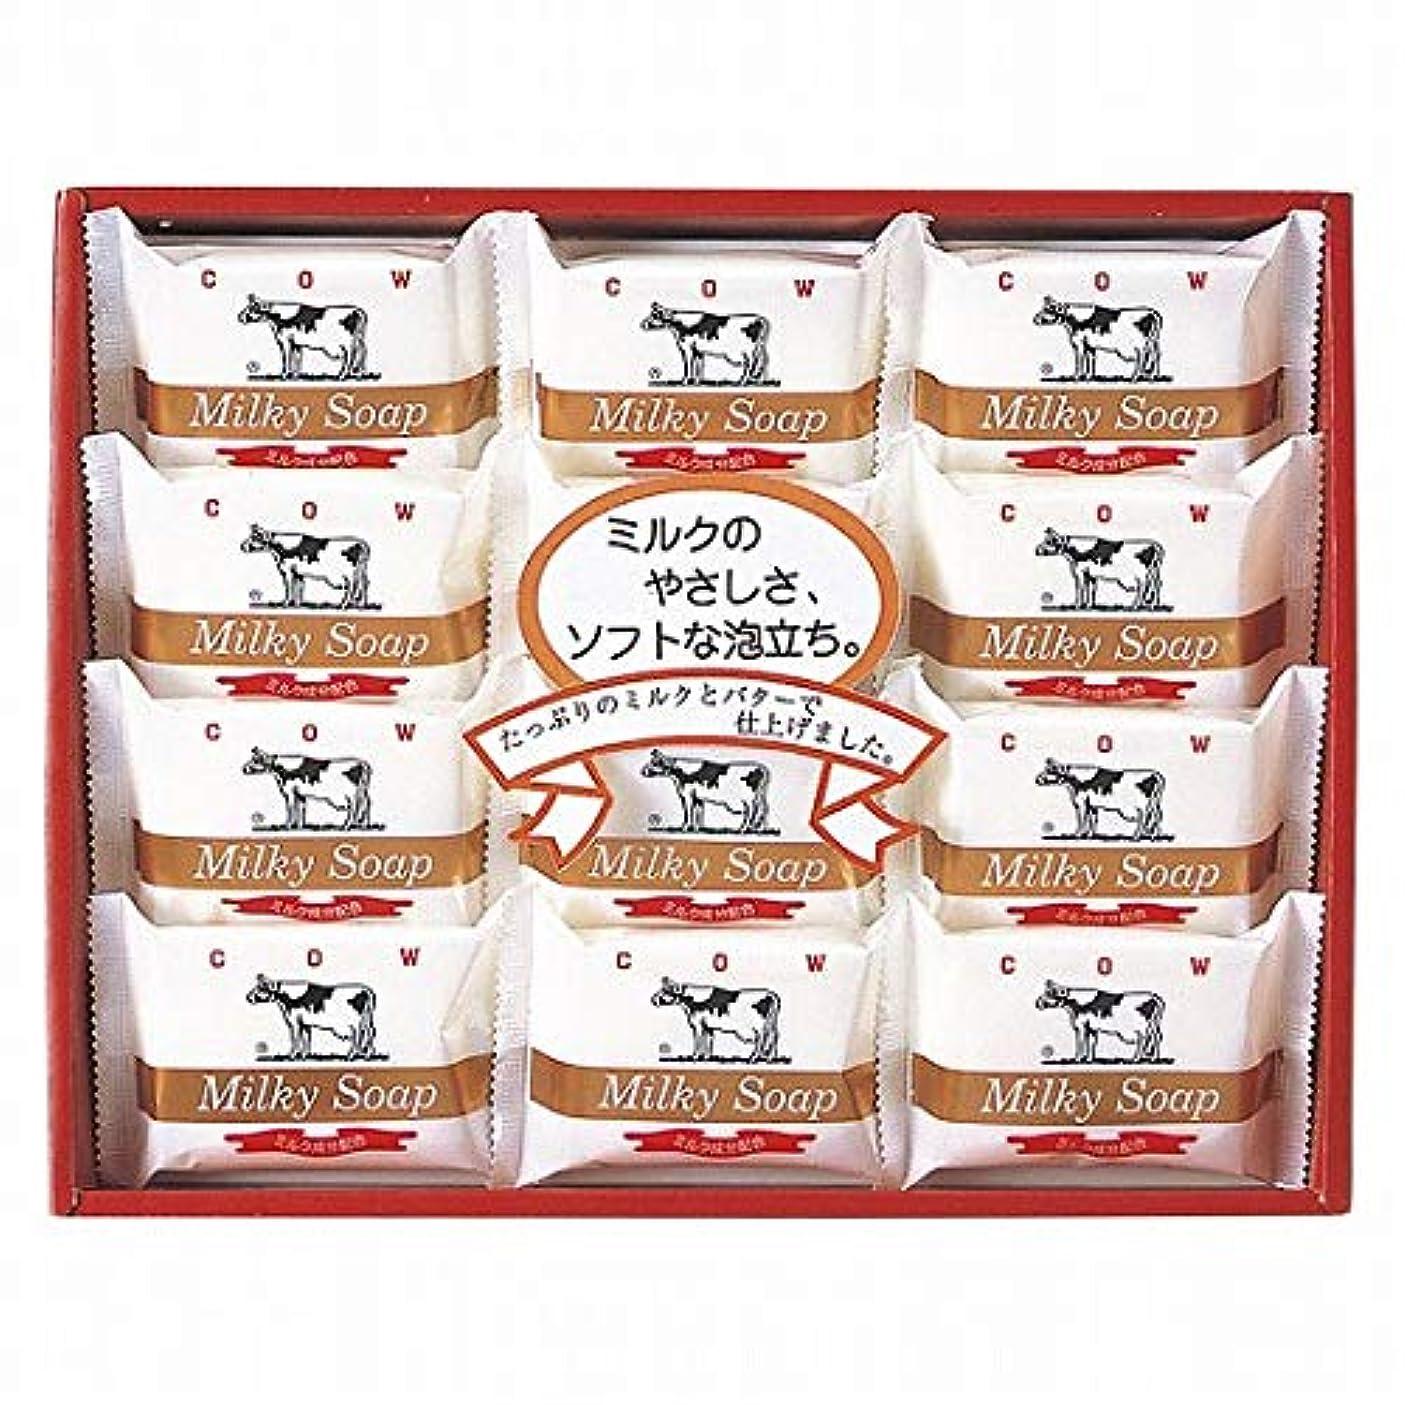 付録故国交渉する牛乳石鹸 ゴールドソープセット